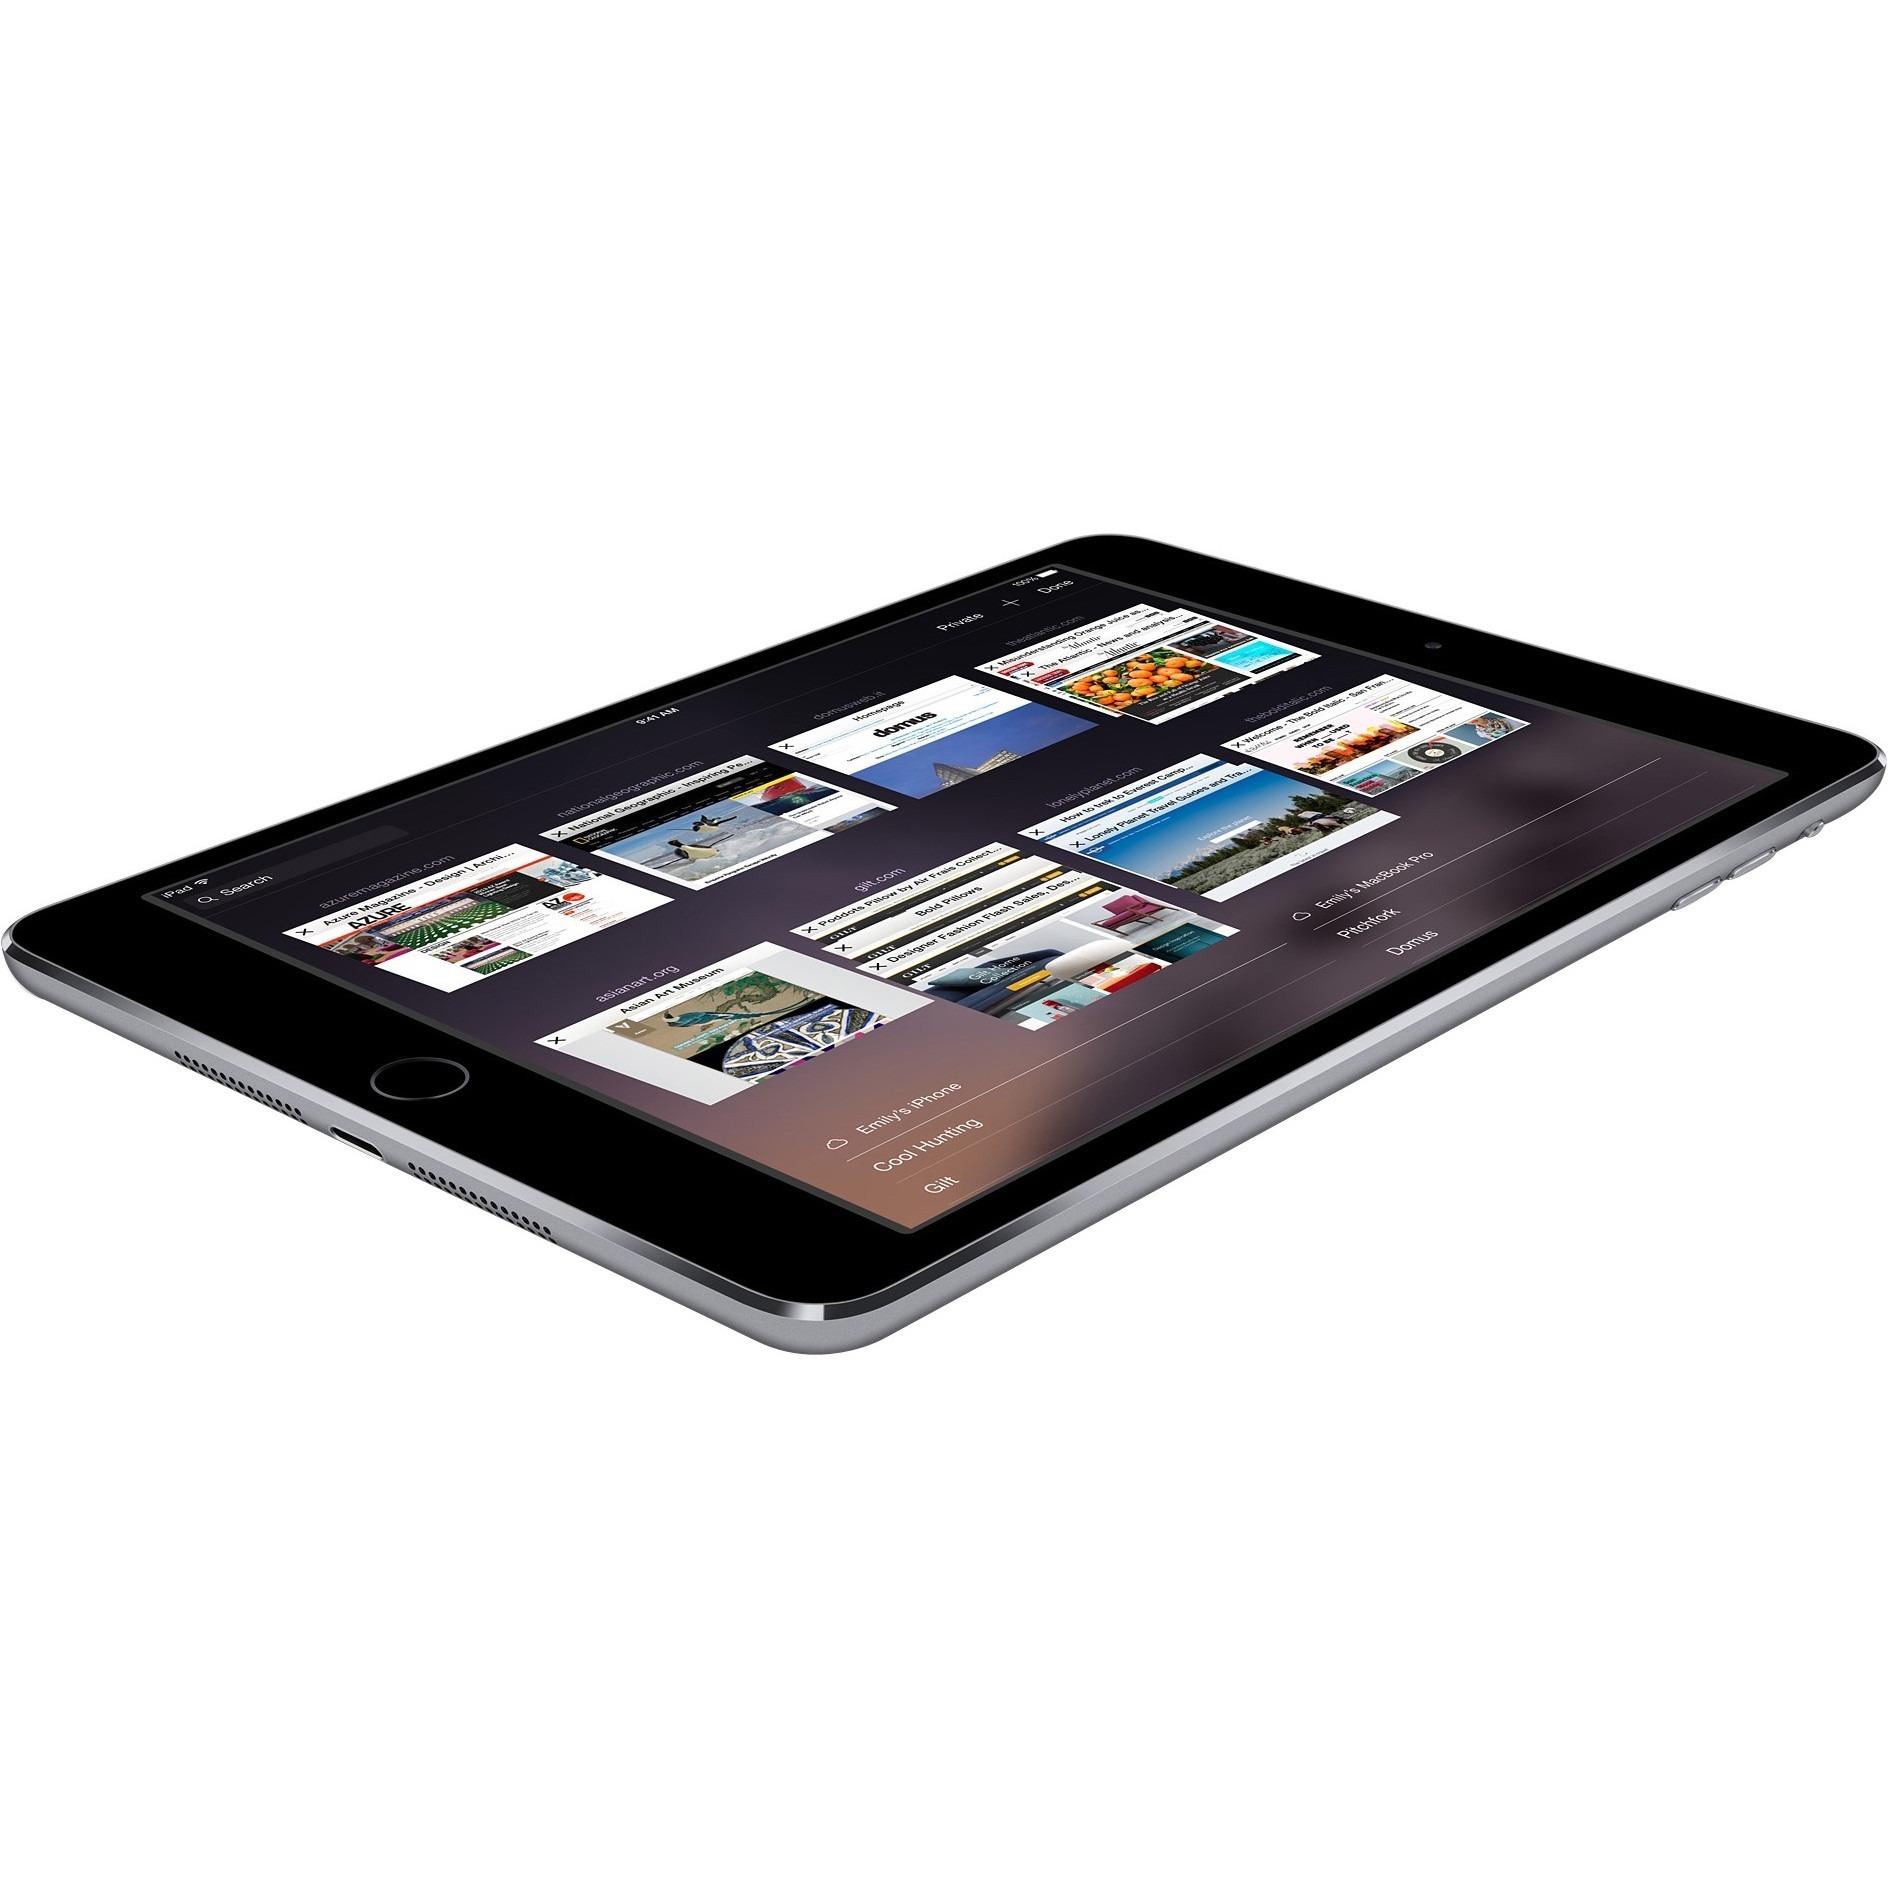 """Apple iPad Air 2 16GB 9.7"""" Retina Display Wi-Fi Tablet - Gray - MGL12LL/A 0"""